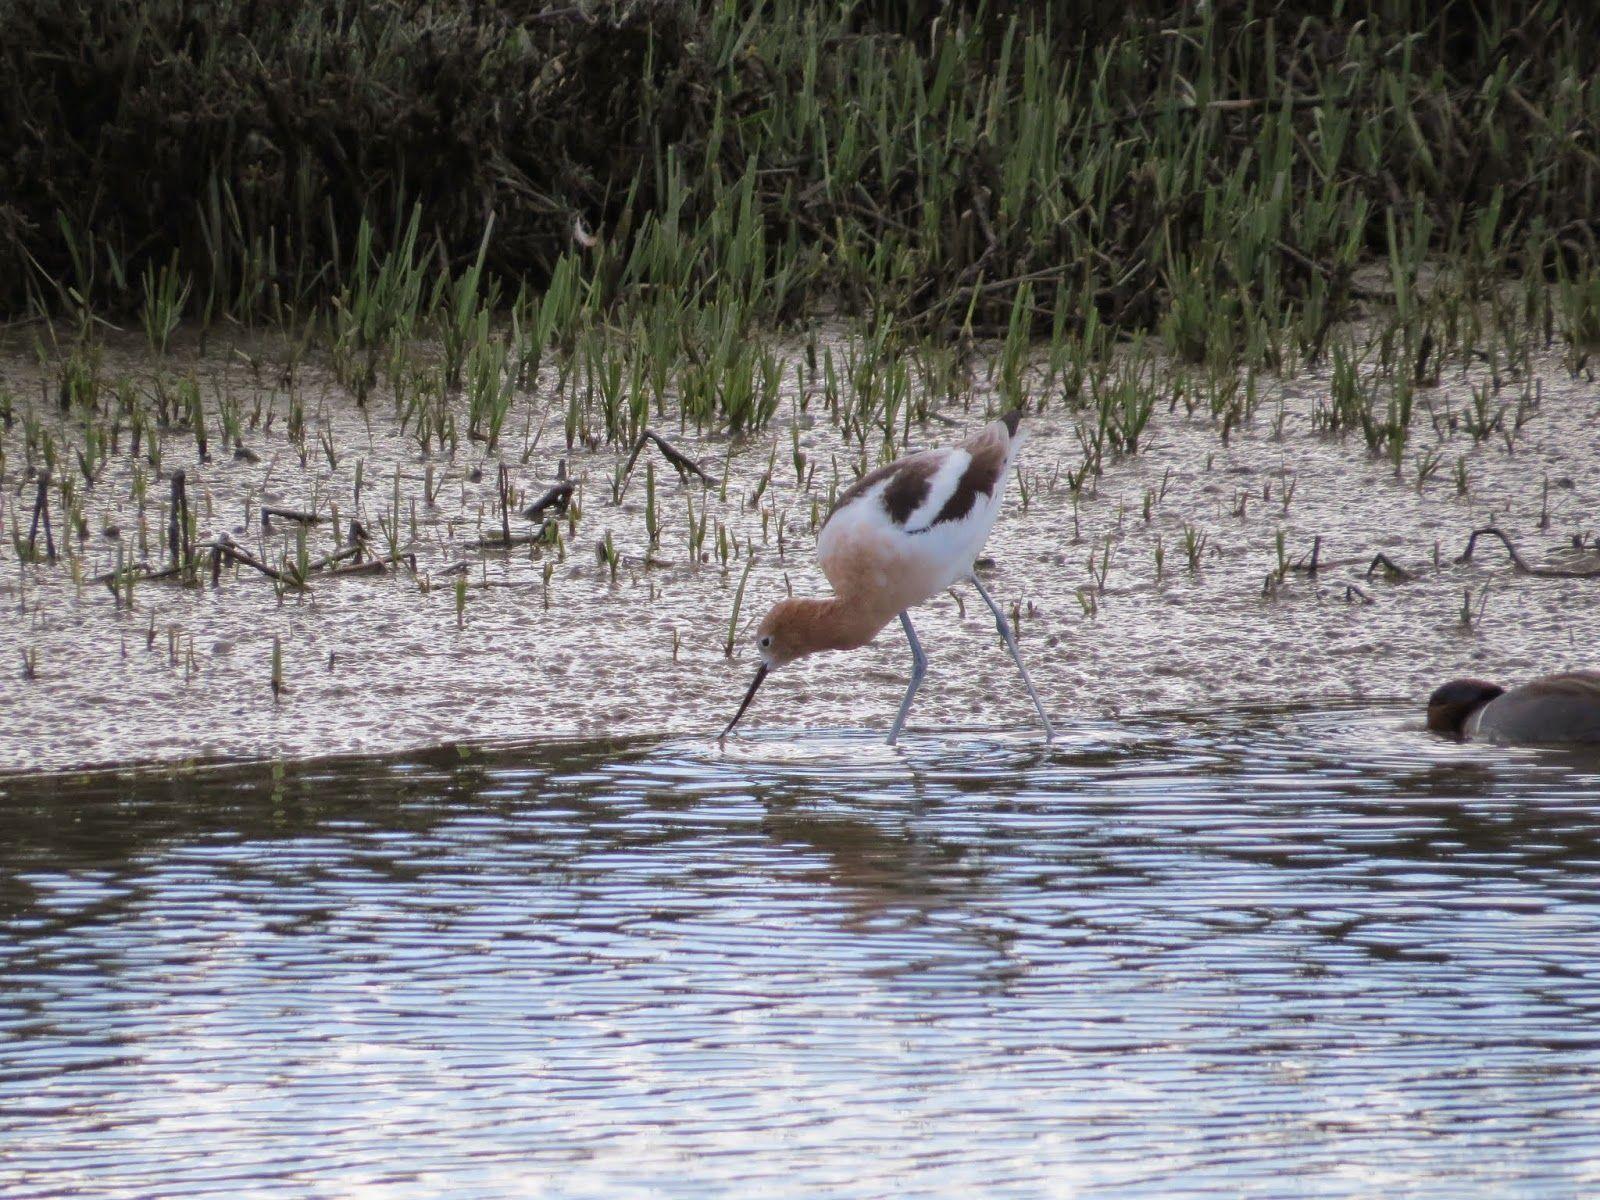 Birding in the palo alto baylands palo alto bird photo